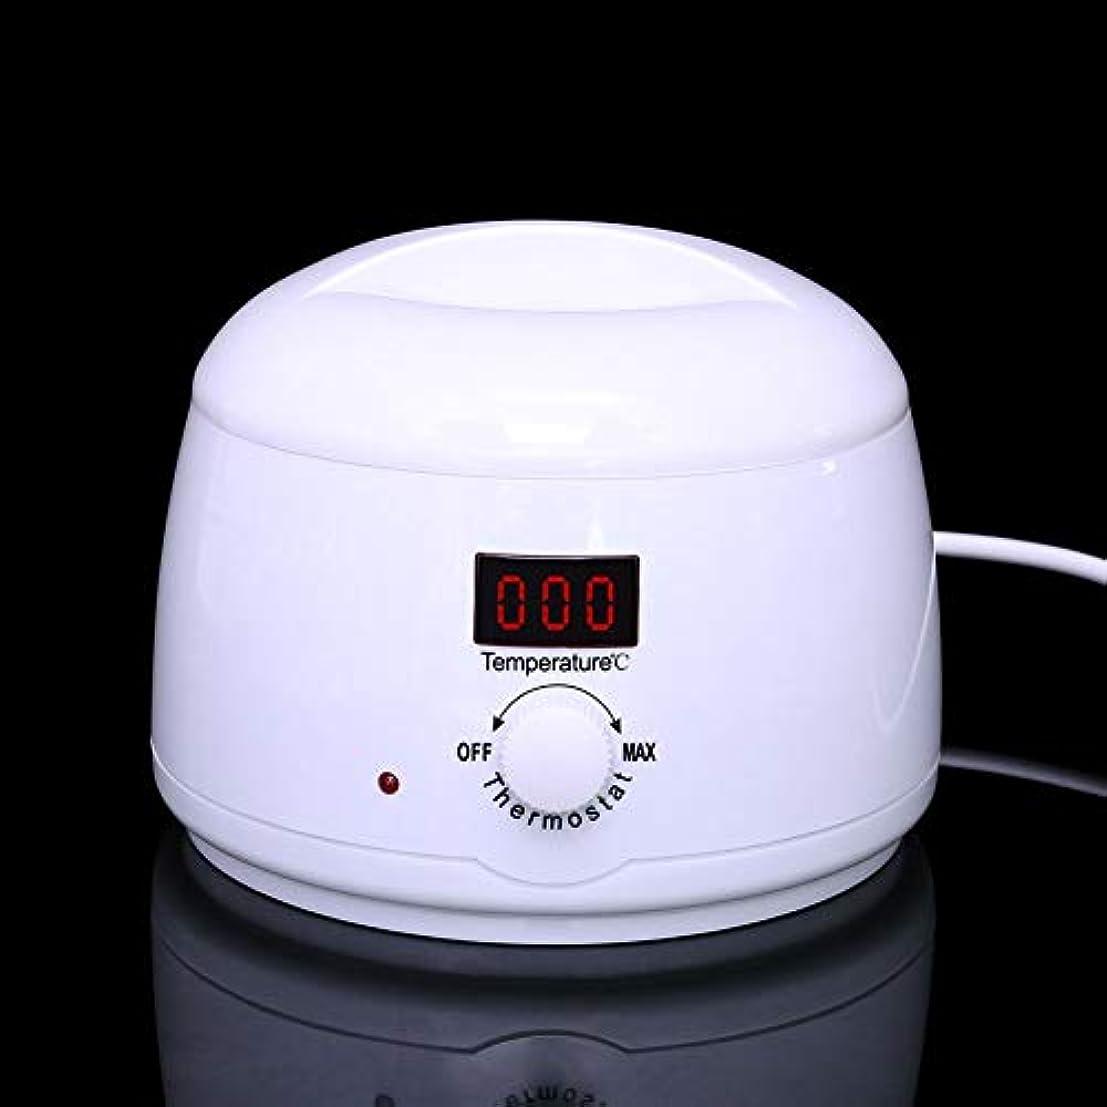 区リビジョンシェーバー調節可能な温度のワックスマシン、女性および男性500CCのための多機能の家のワックスが付いている毛の取り外しのための専門の電気ワックスのウォーマーのヒーターのメルター